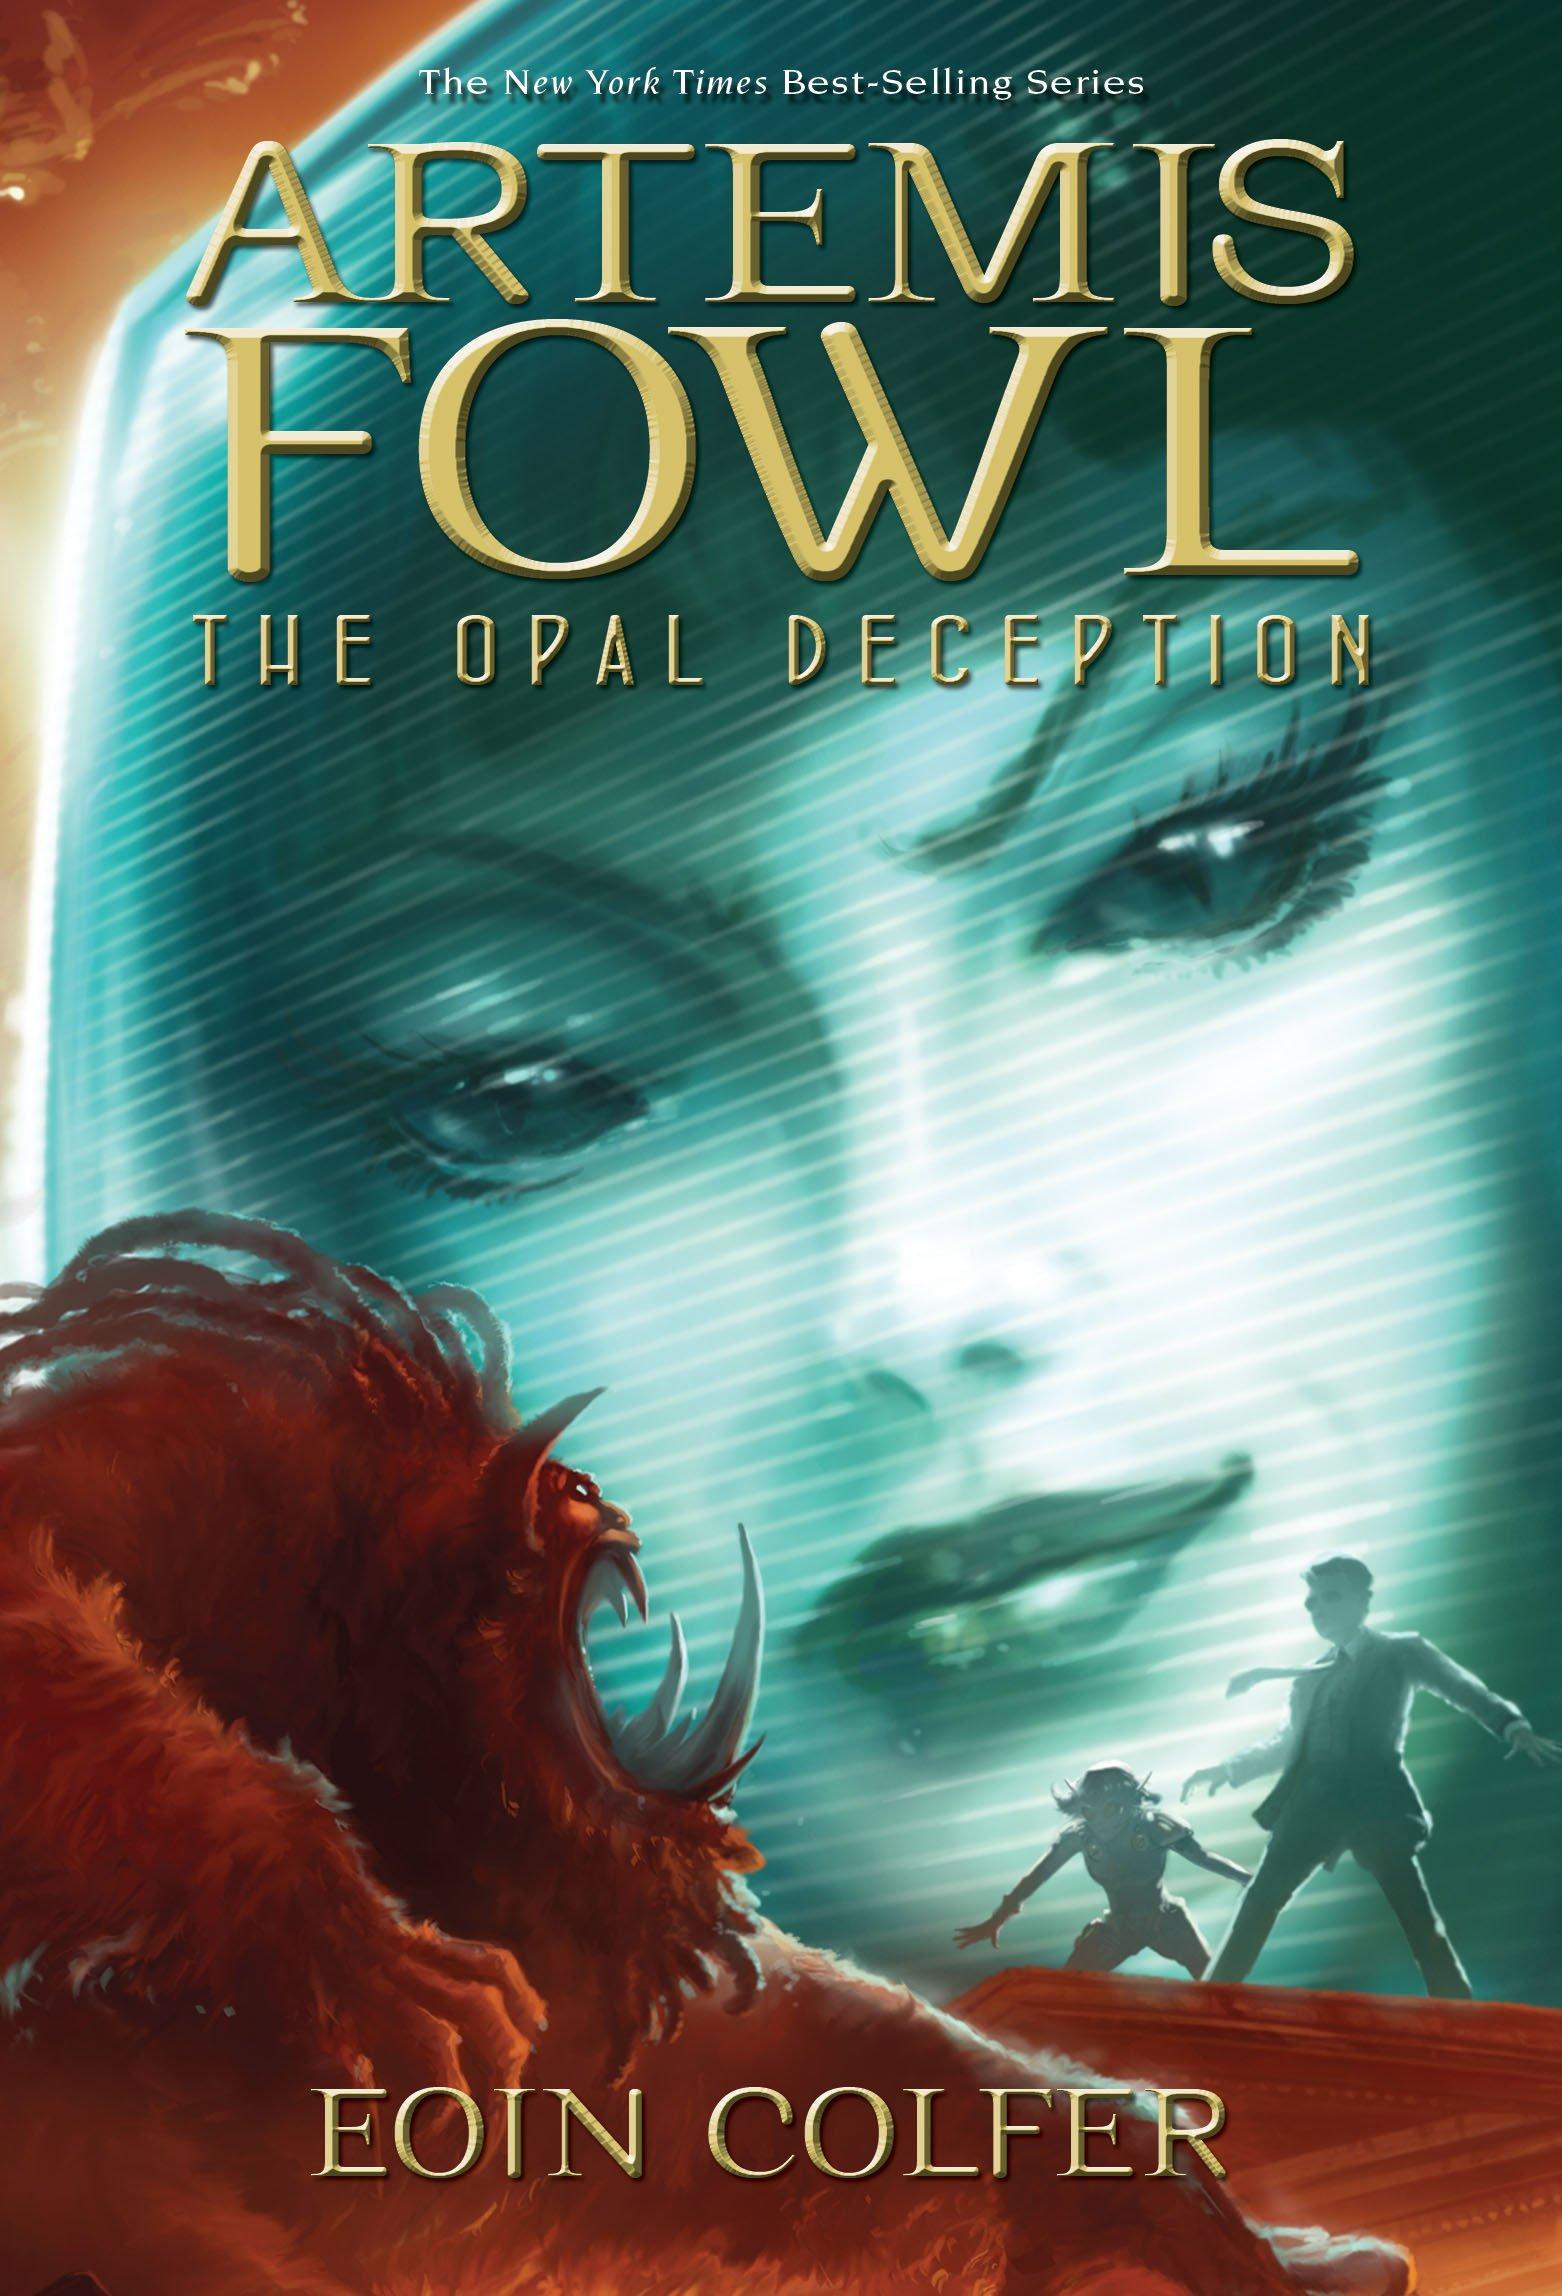 Amazon Com Artemis Fowl The Opal Deception Book 4 9781423124559